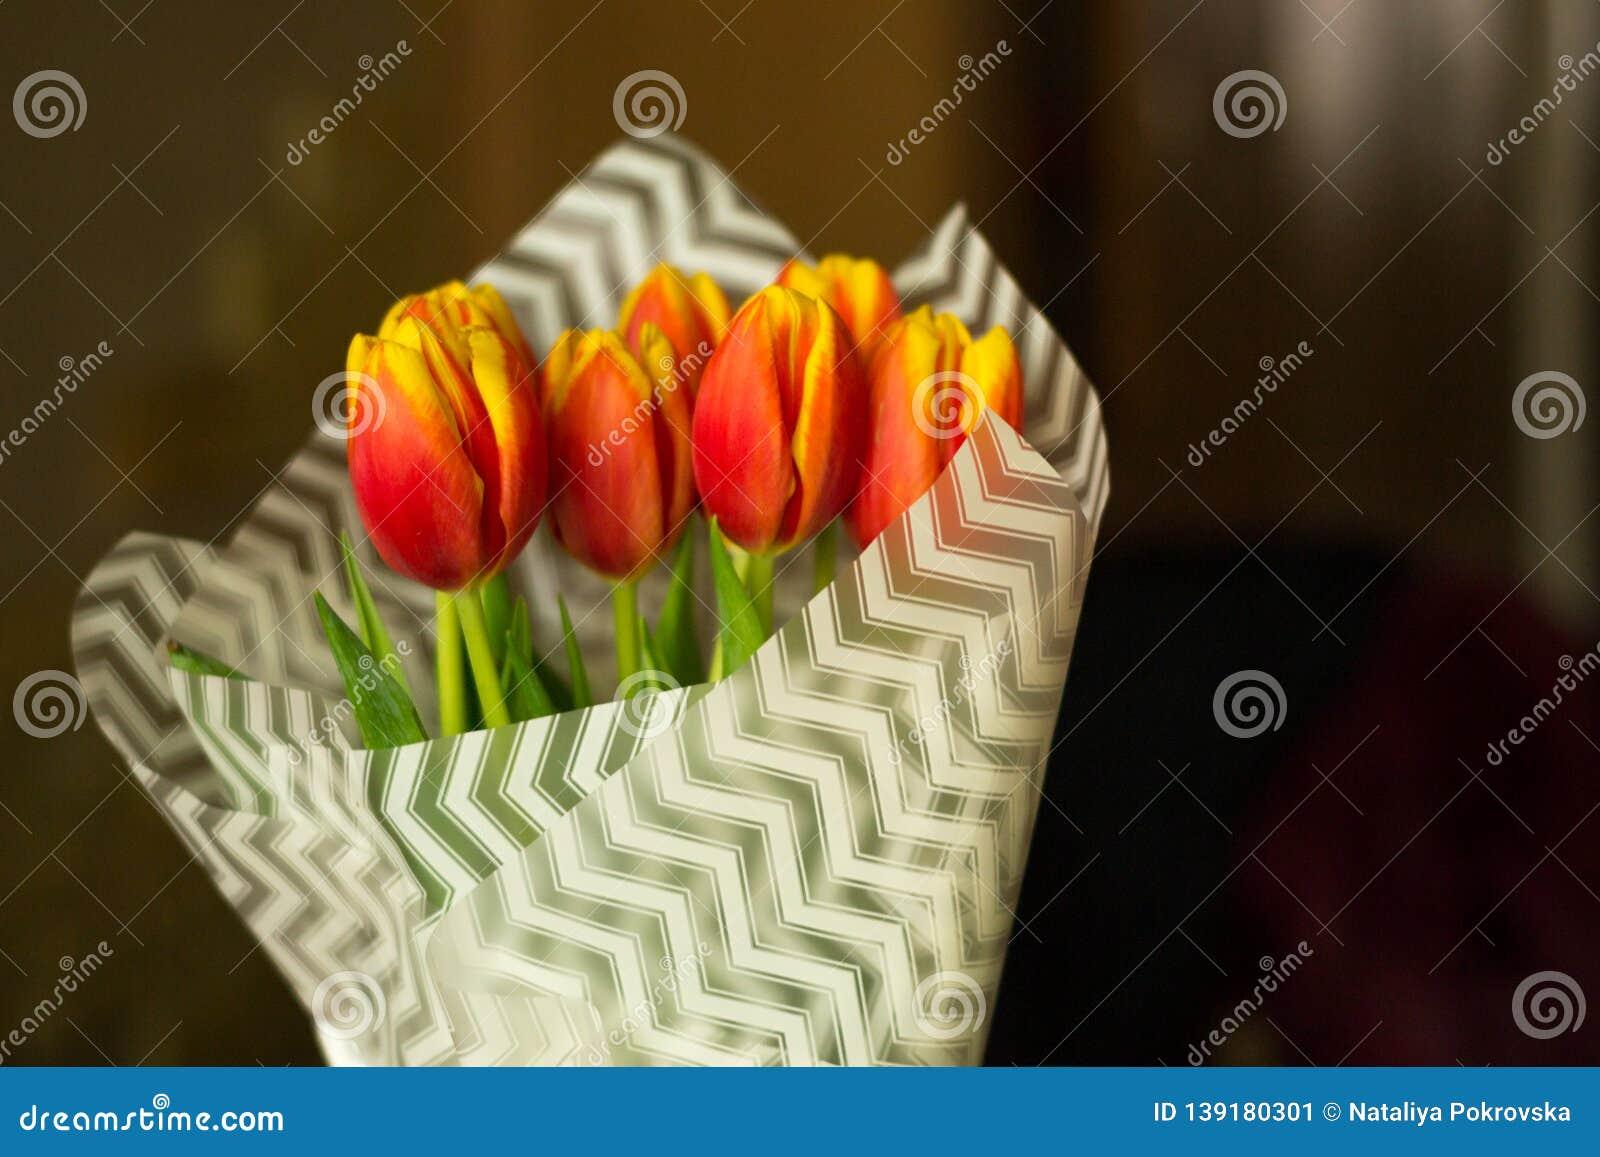 Flores frescas del tulipán cubiertas con el Libro Blanco en florero en fondo borroso Días de fiesta de Celebraiting en casa Amor